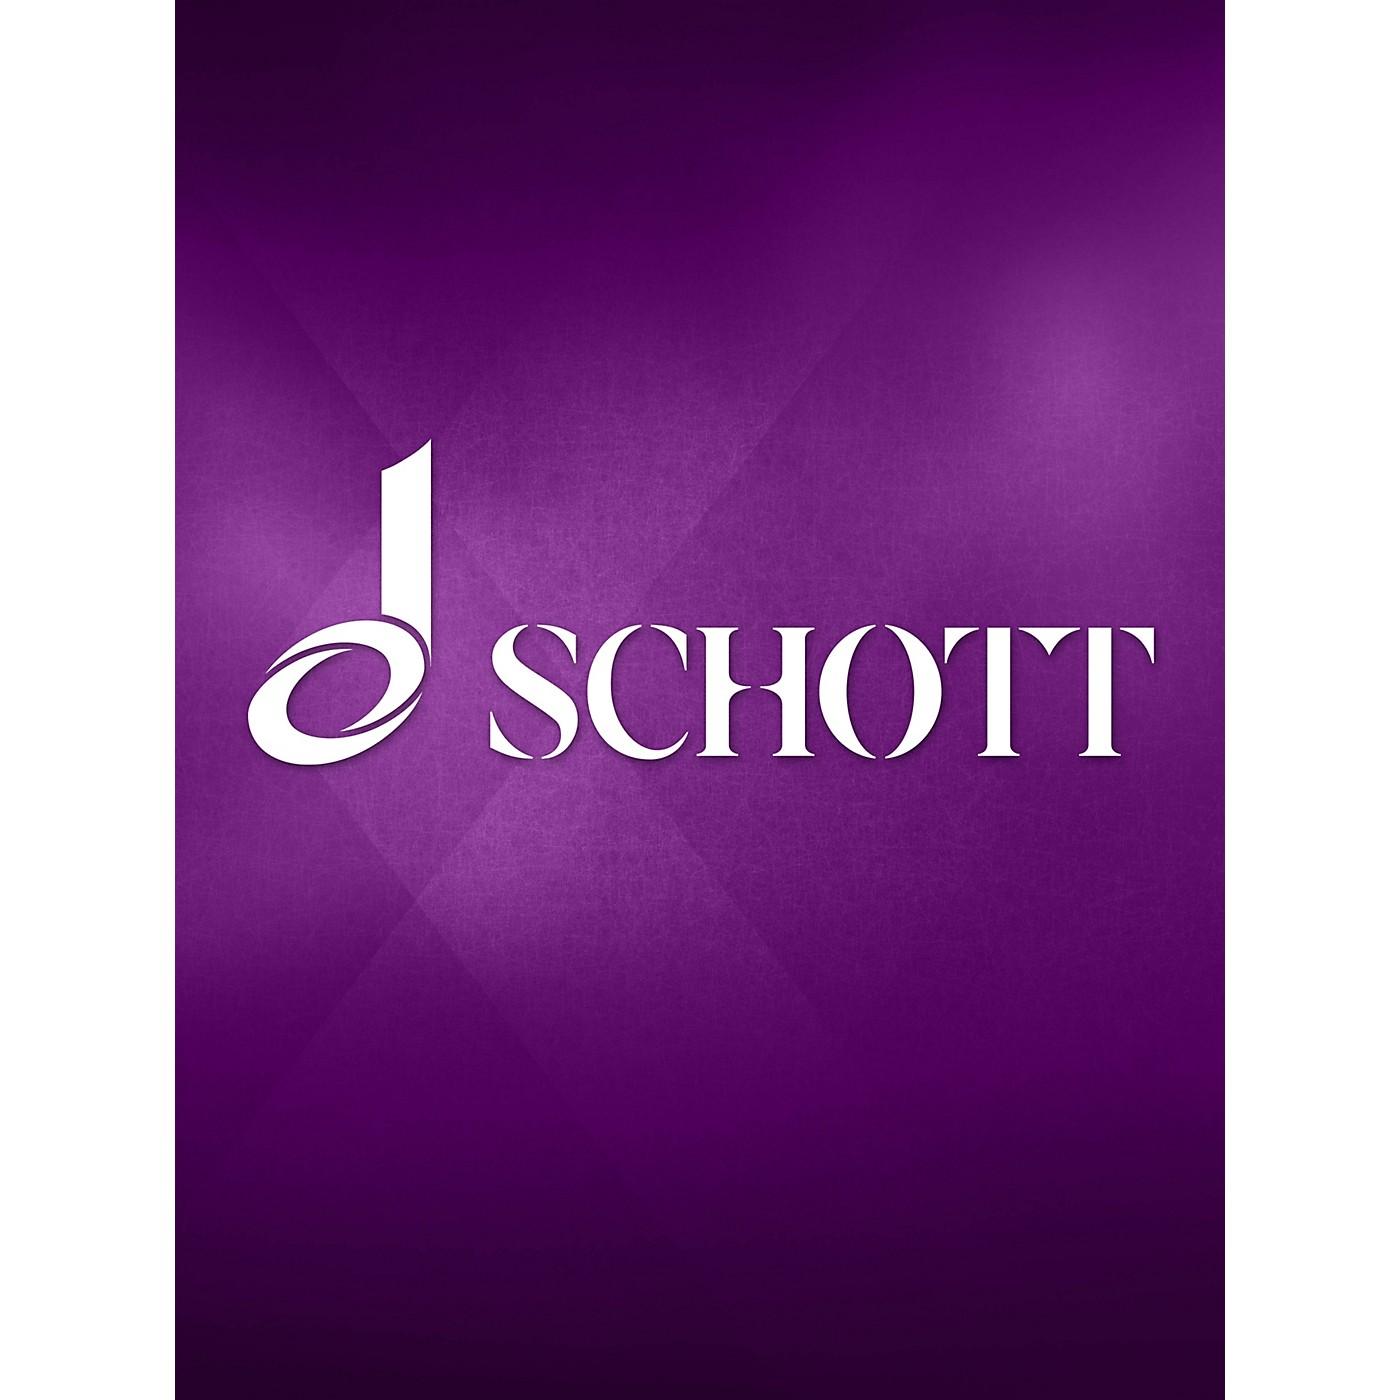 Boelke-Bomart/Schott Cantus Contra Cantum III (SATB a cappella) SATB a cappella Composed by Jacques Monod thumbnail